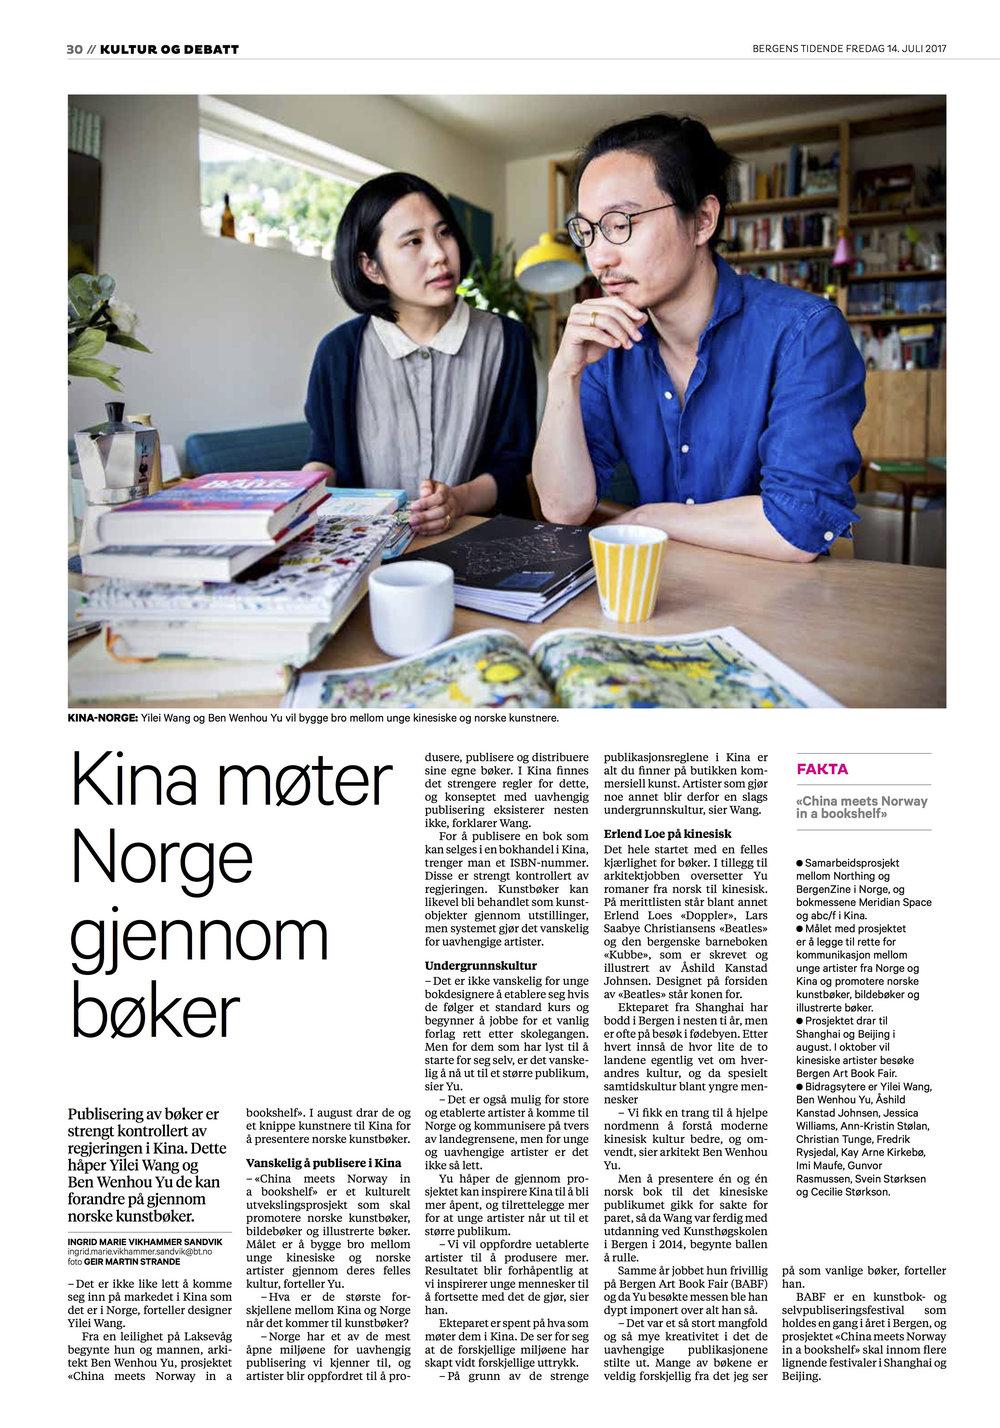 Kunstbøker til Kina - Bergens Tidende fredag 14. JULI 2017Ingrid Marie Vikhammer Sandvik